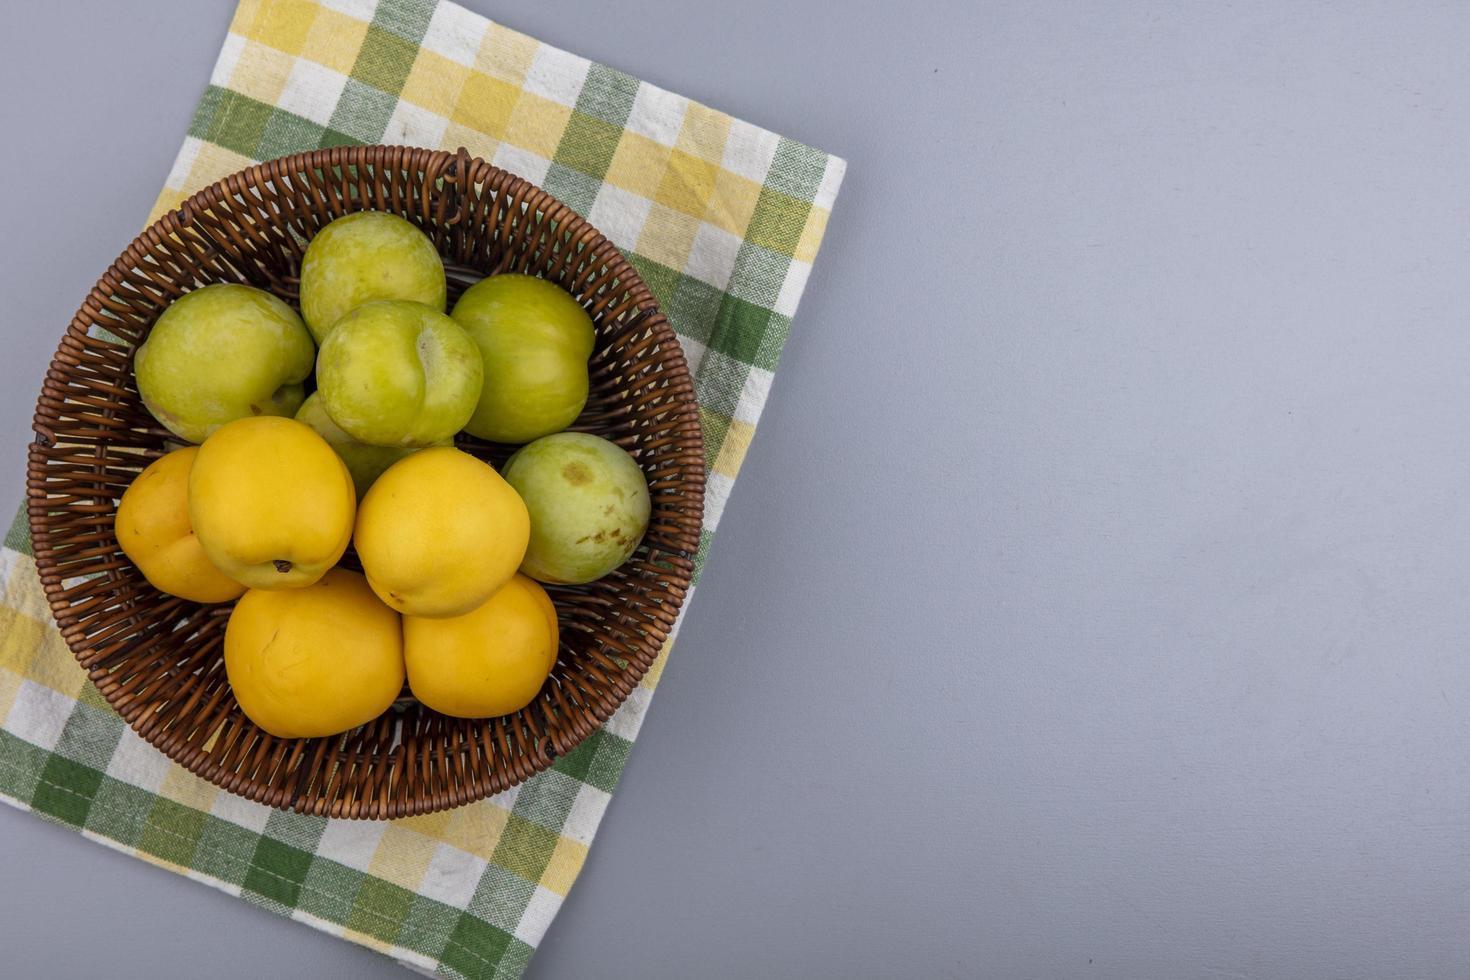 geassorteerde fruit in een mand op neutrale achtergrond foto